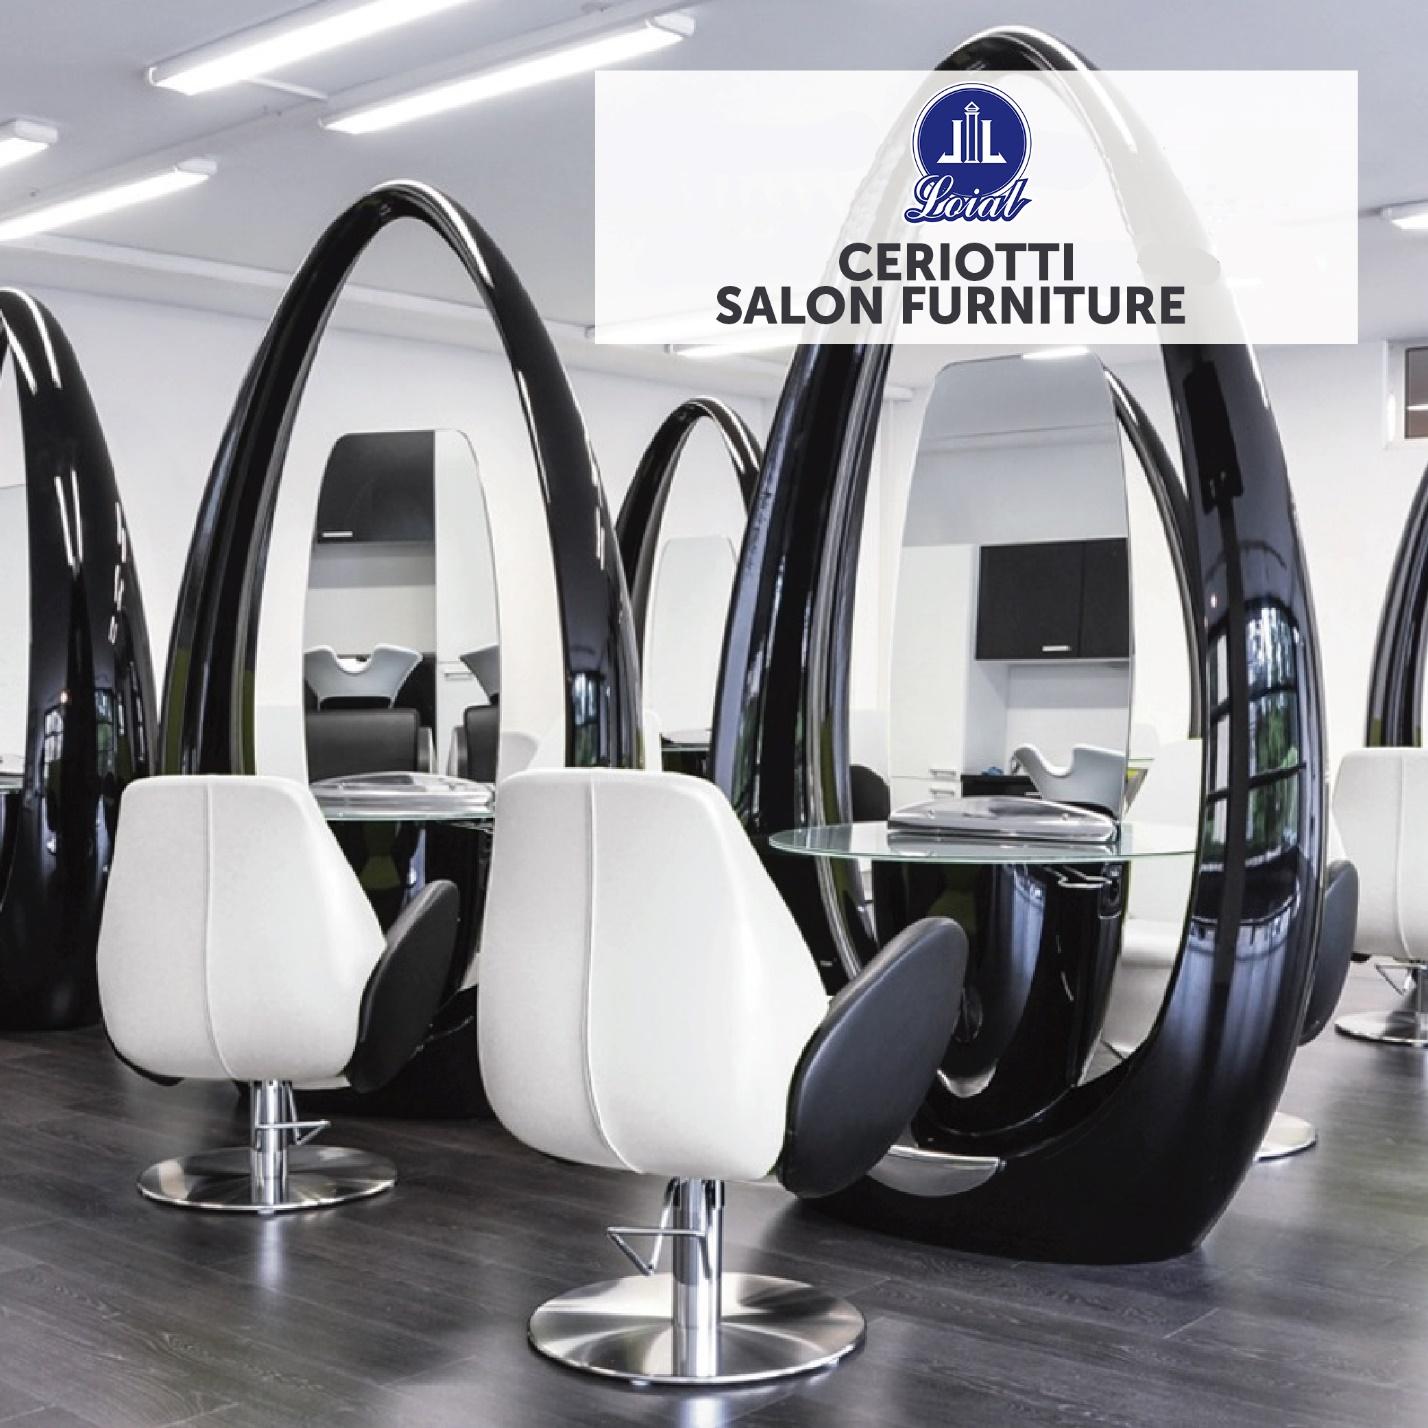 Ceriotti - номер один в производстве оборудования для салонов красоты